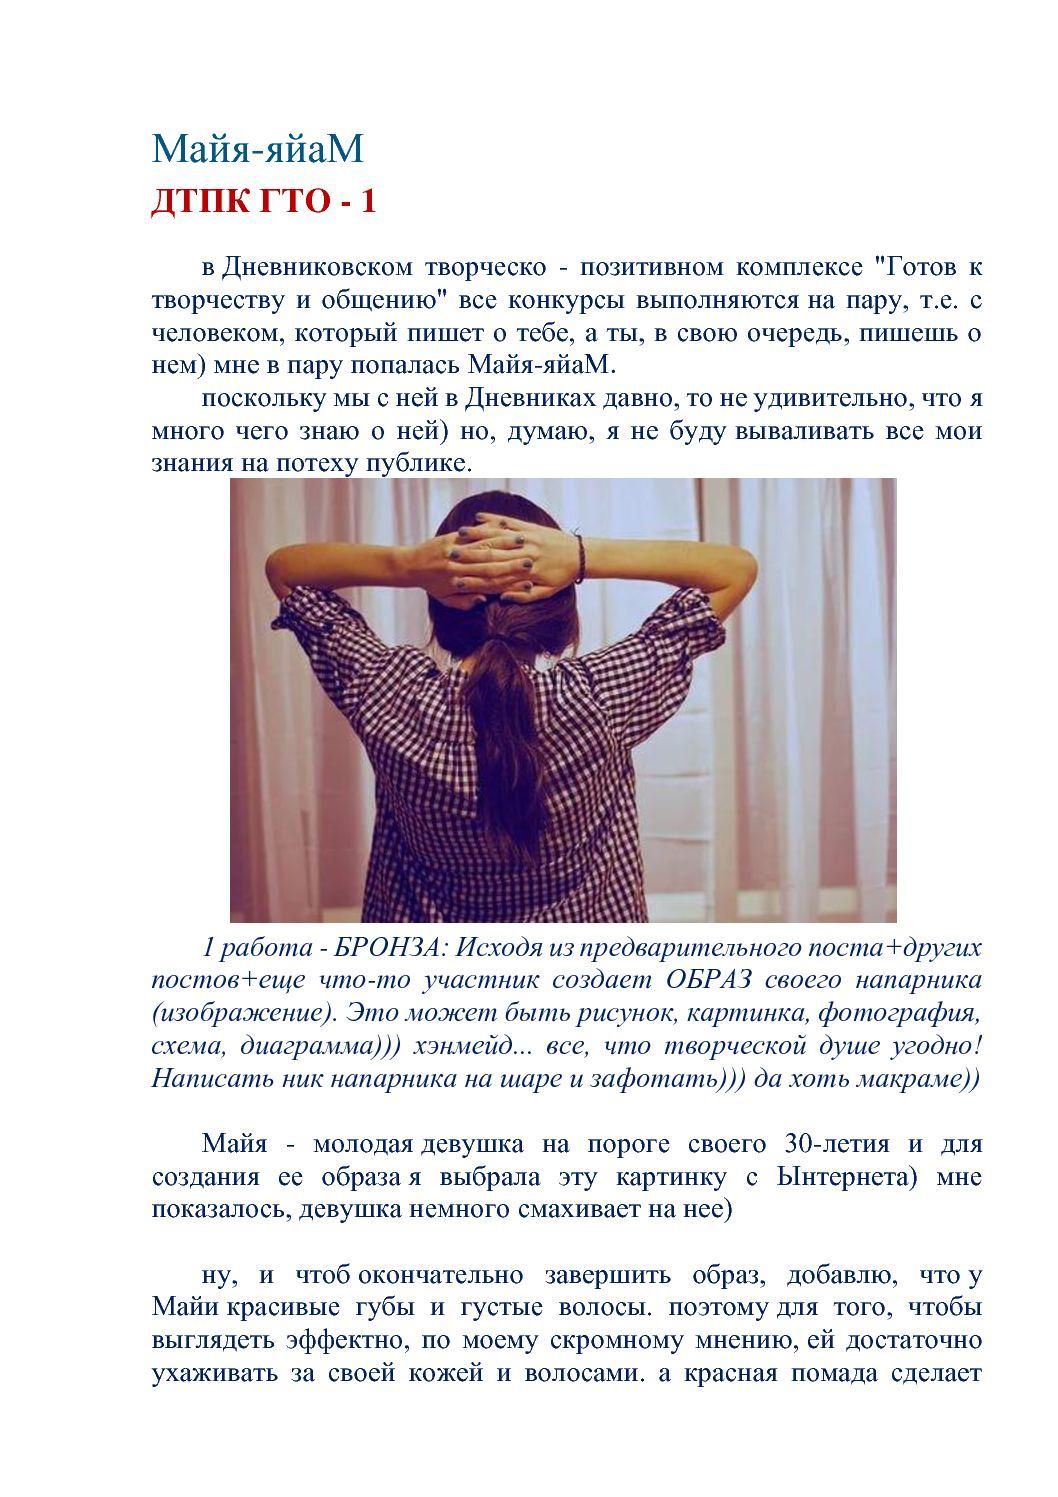 Работа для девушки для души модели оценки качества работы персонала